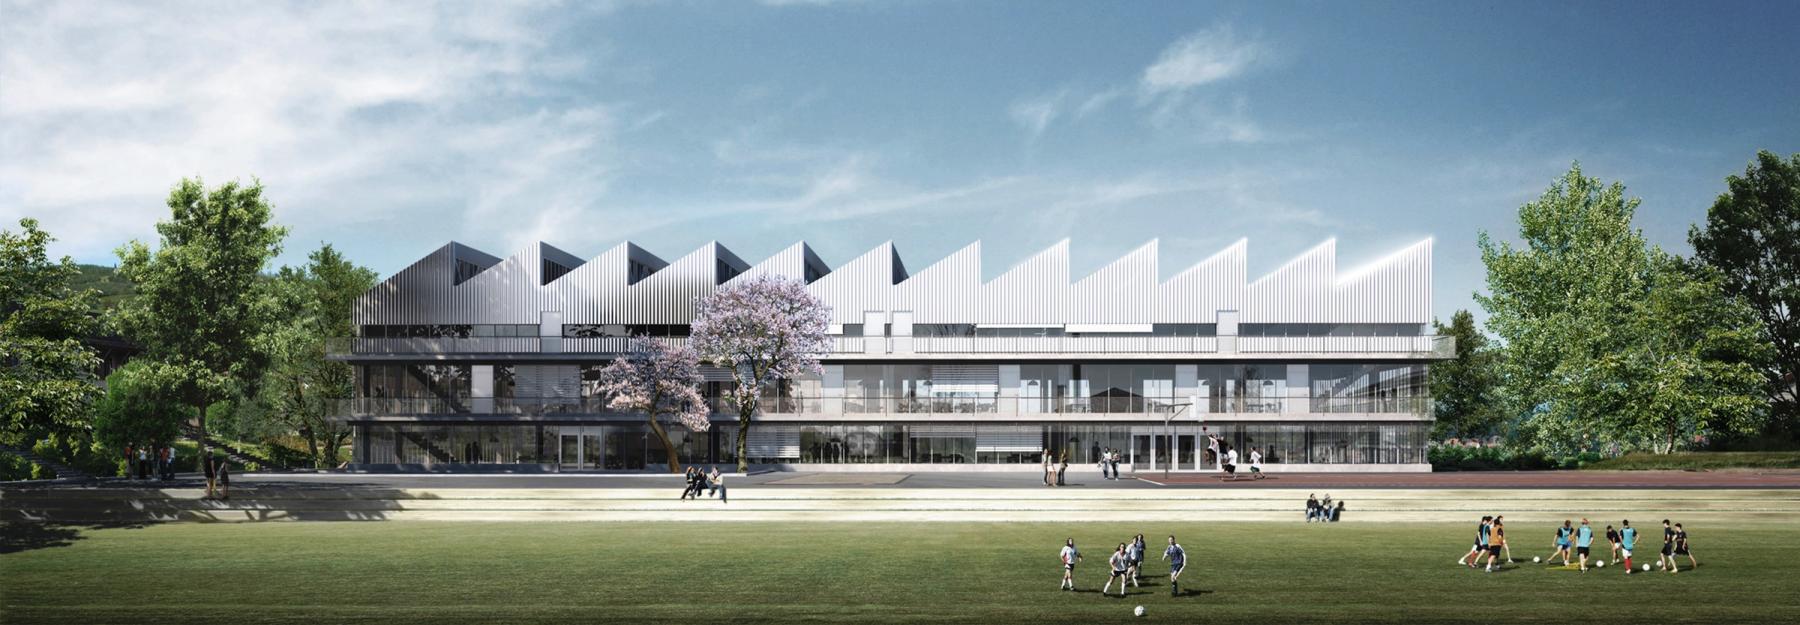 Neubau Sekundarschule Laufen, ARGE Thomas Fischer Architekten + Confirm Atelier, Himmelslicht